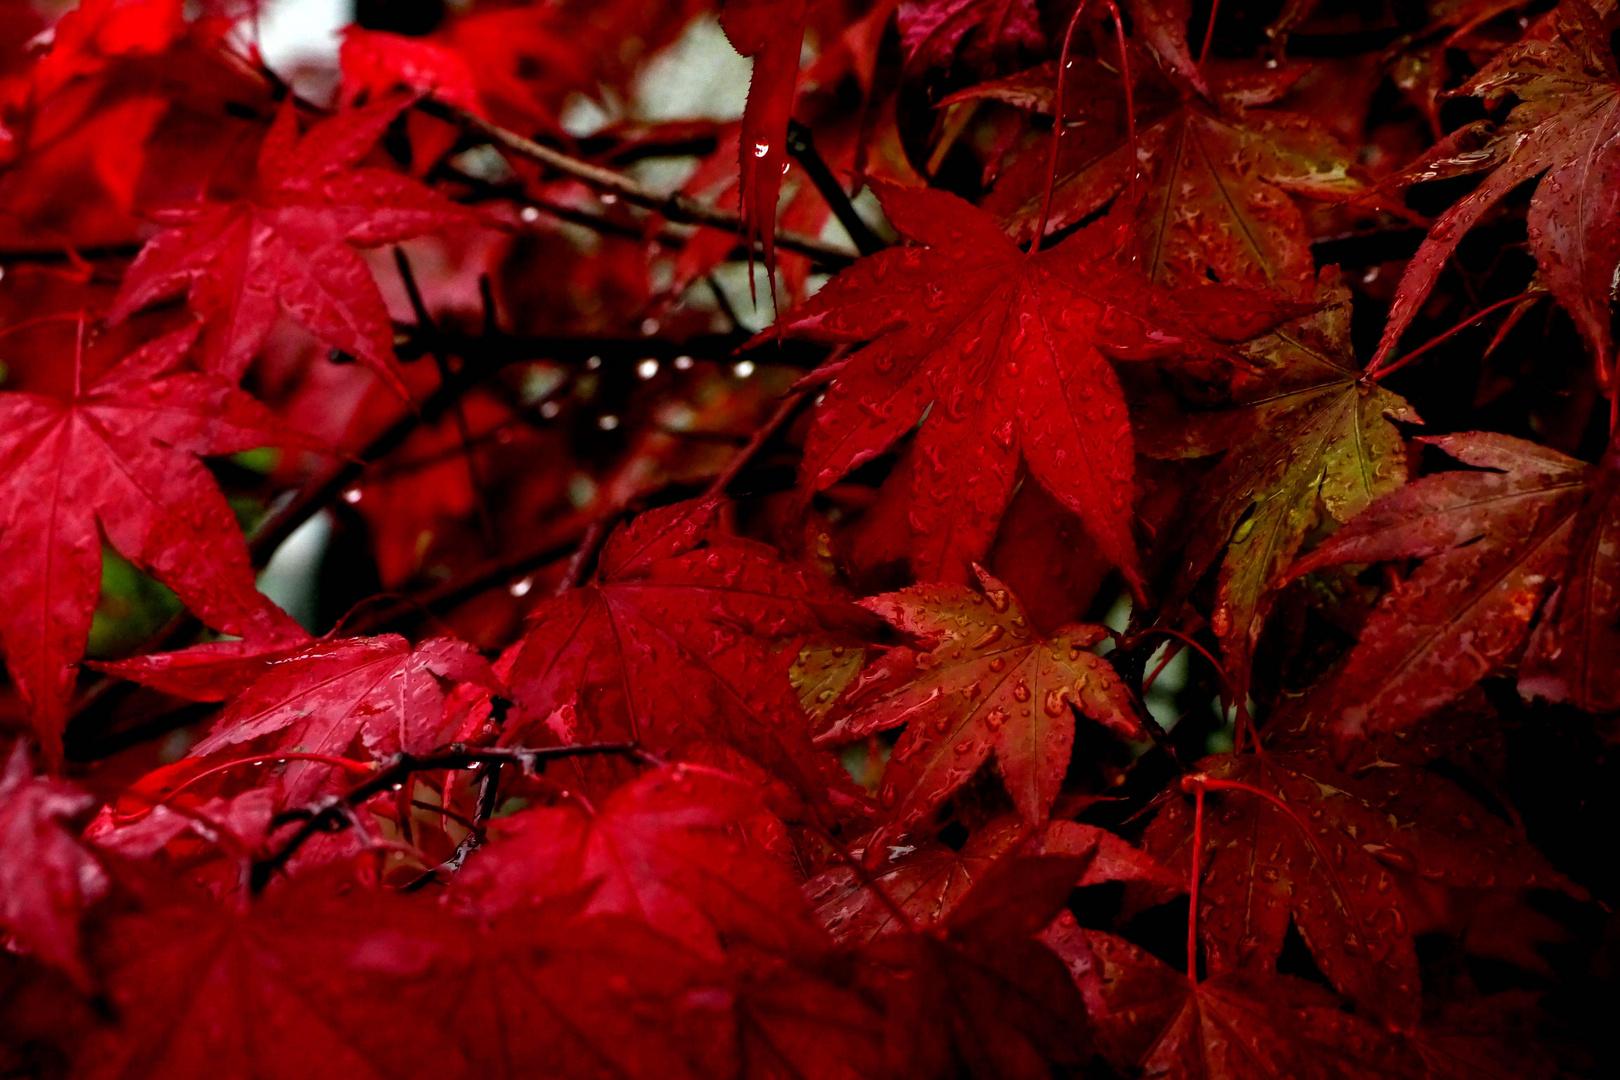 Farbnuancen in Rot.